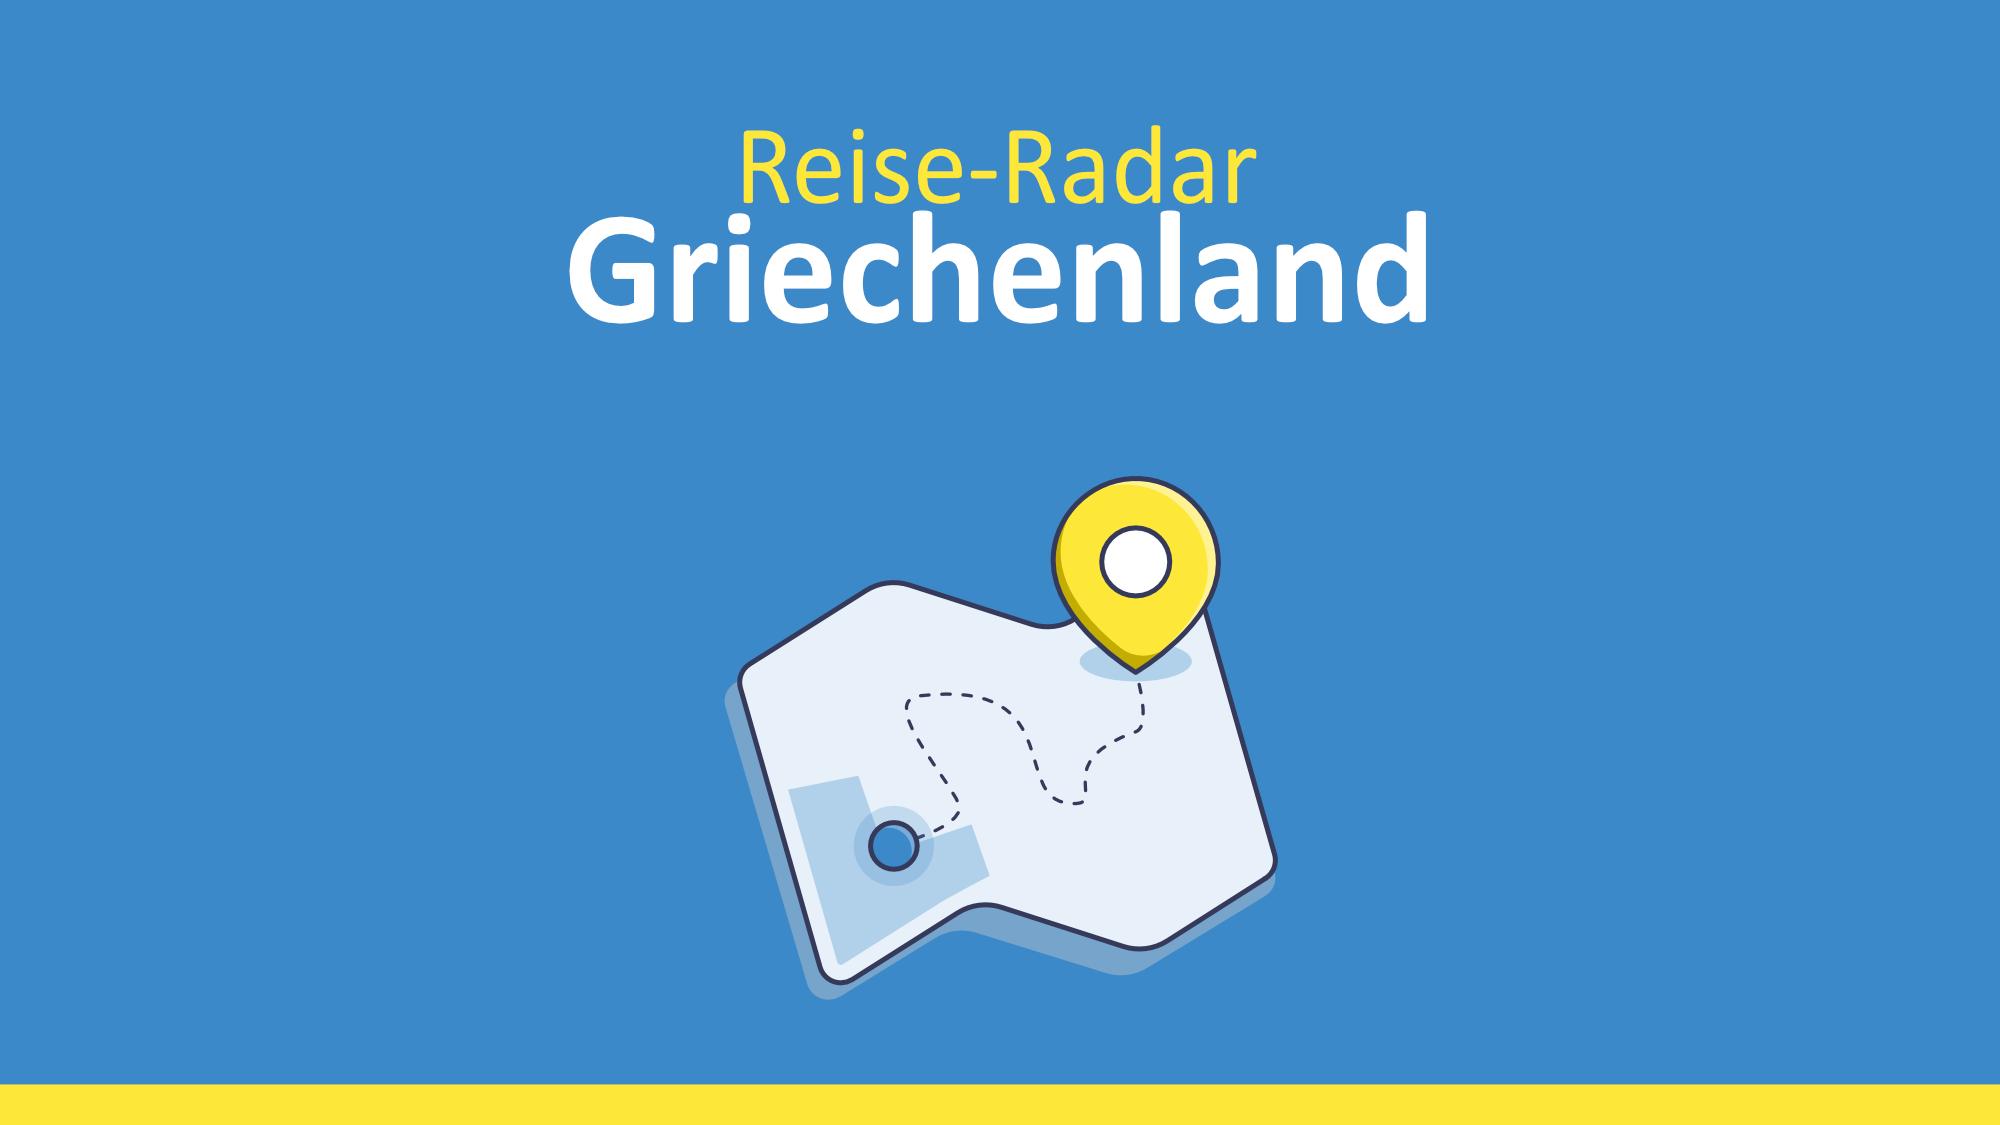 Reise-Radar Griechenland